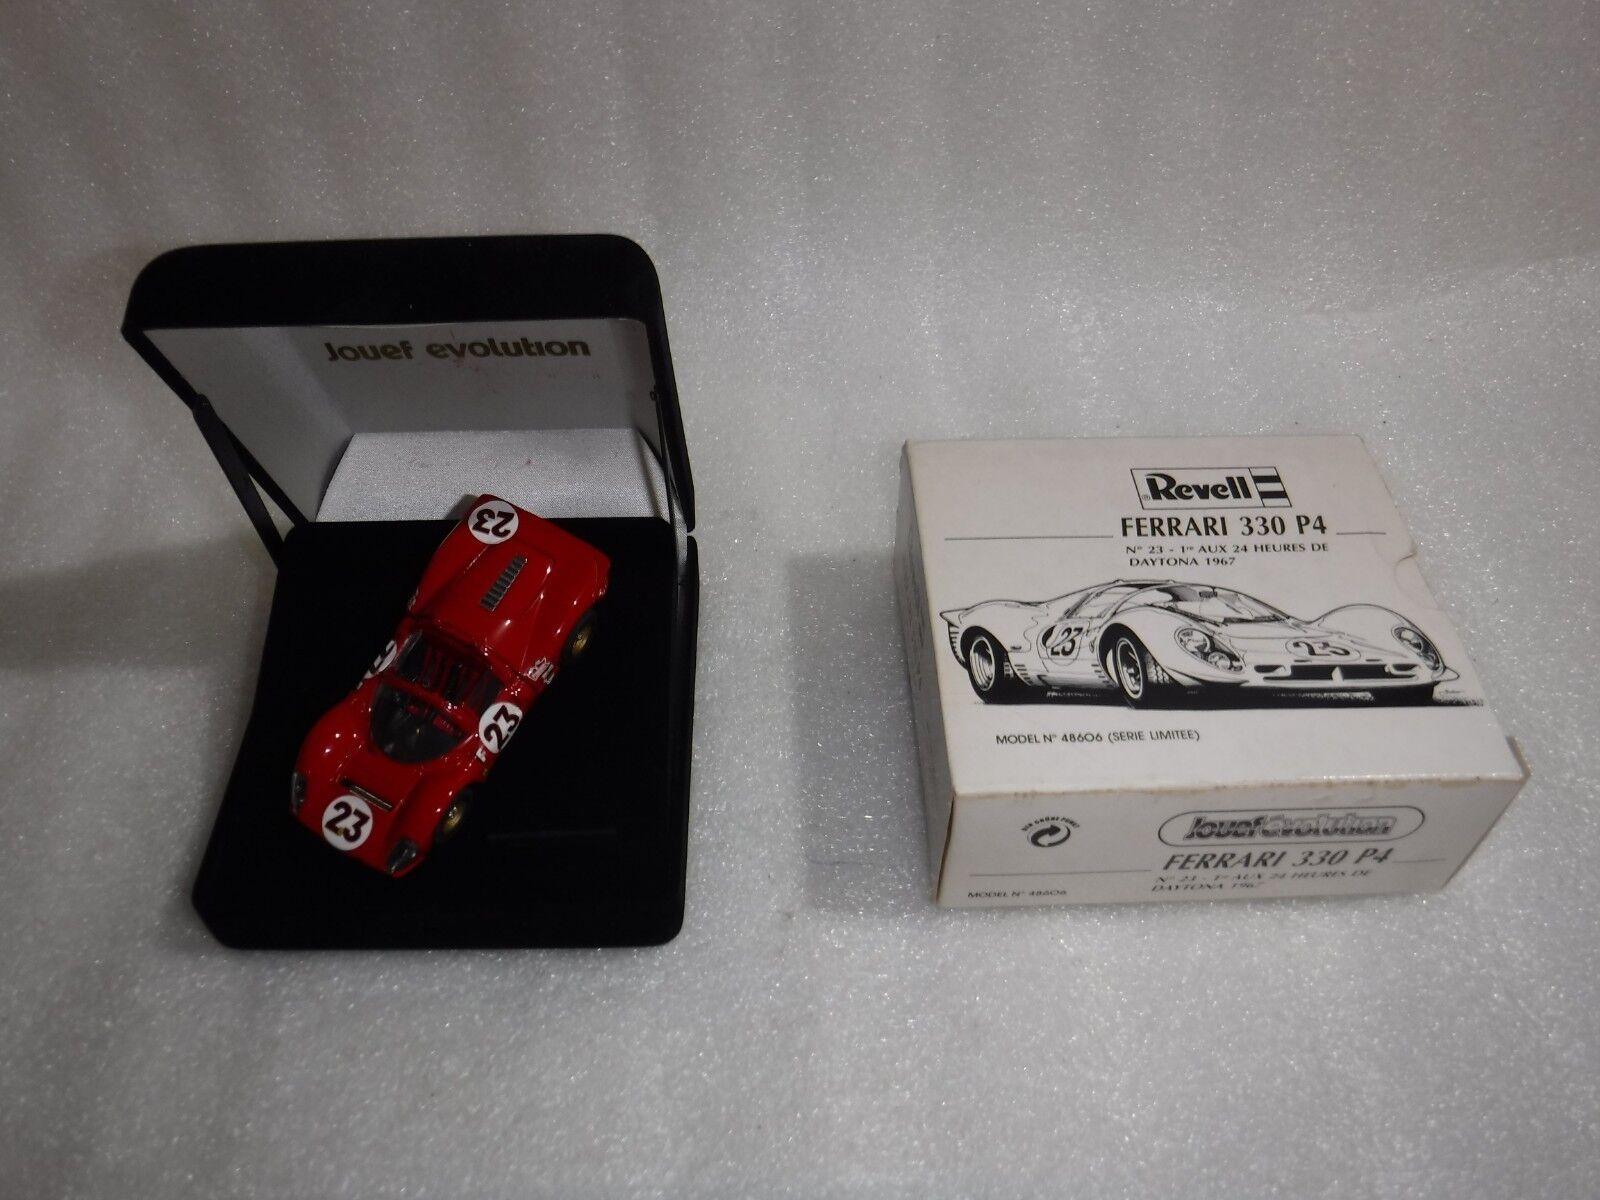 Vintage REVELL JOUEF EVOLUTION FERRARI 330 P4 Daytona modèle voiture de course... RARE